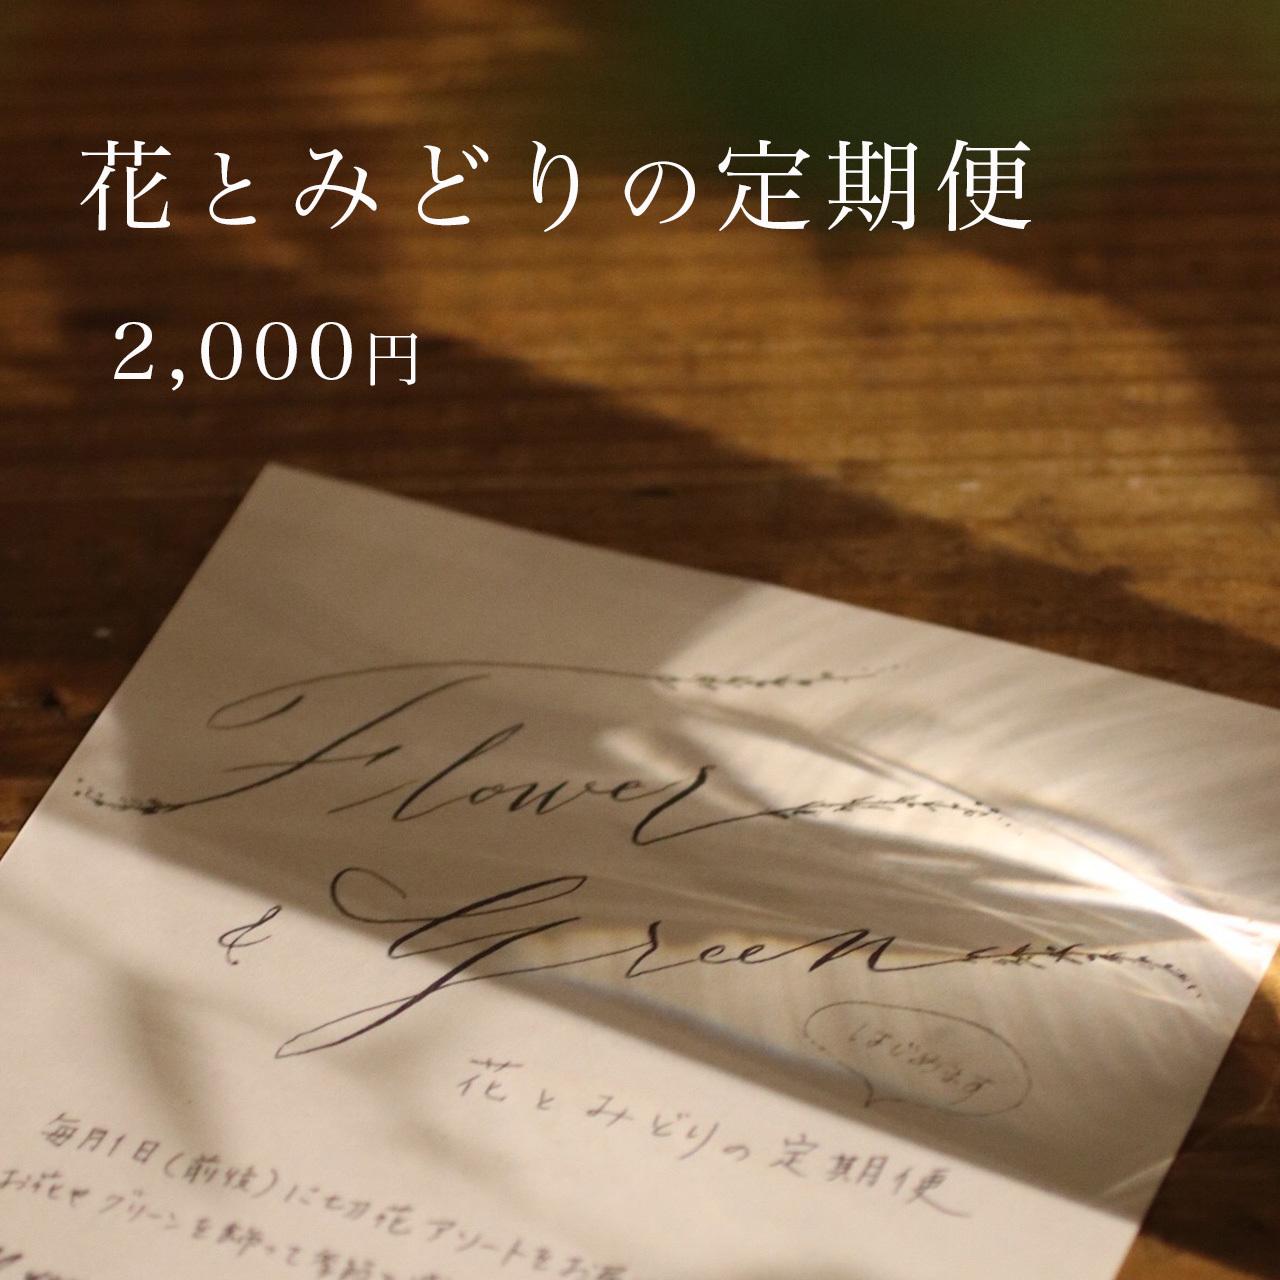 花とみどりの定期便「10月便」【2,000円コース】